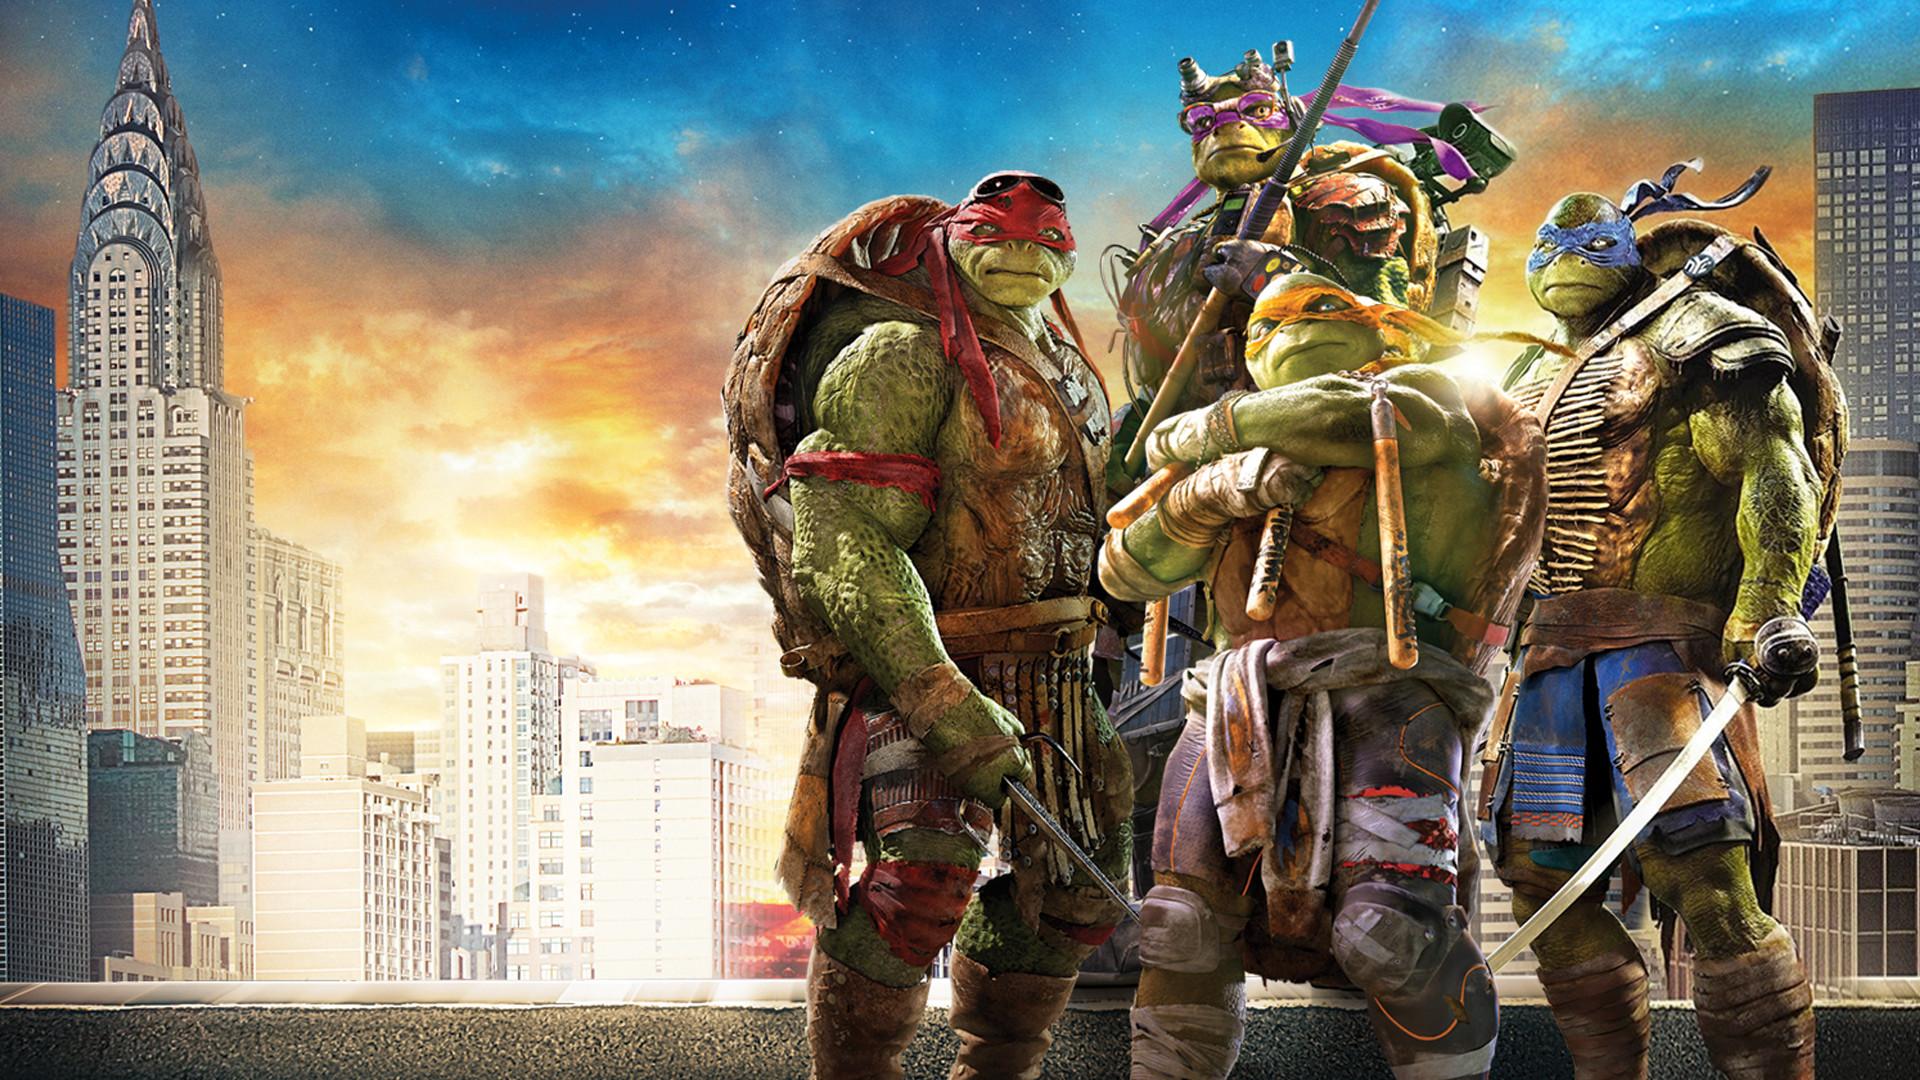 Res: 1920x1080, ... Teenage Mutant Ninja Turtles Wallpaper  by sachso74